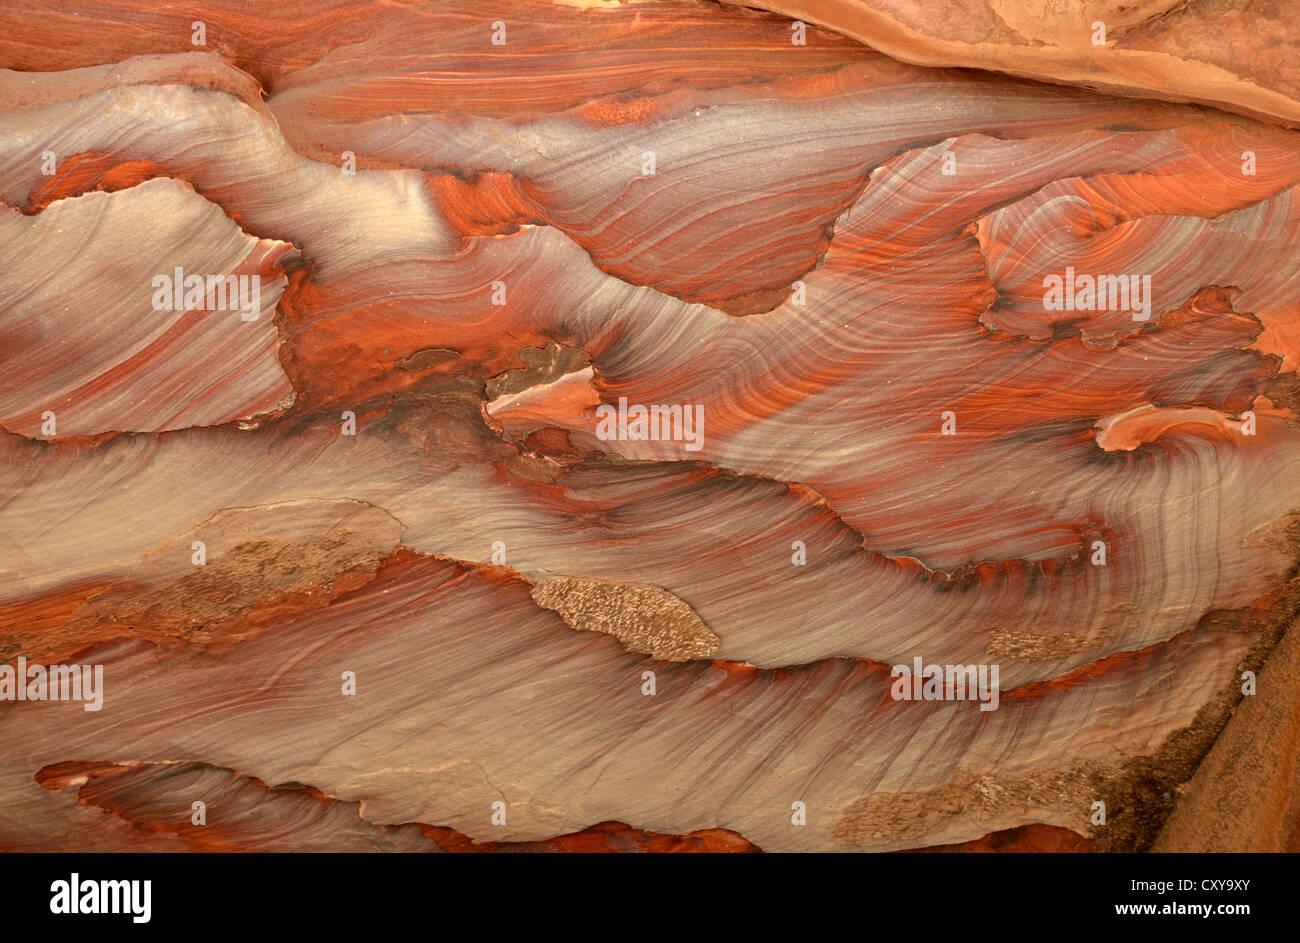 Pietra lucidata massimale in una roccia scolpita grotta, Petra, Giordania Immagini Stock